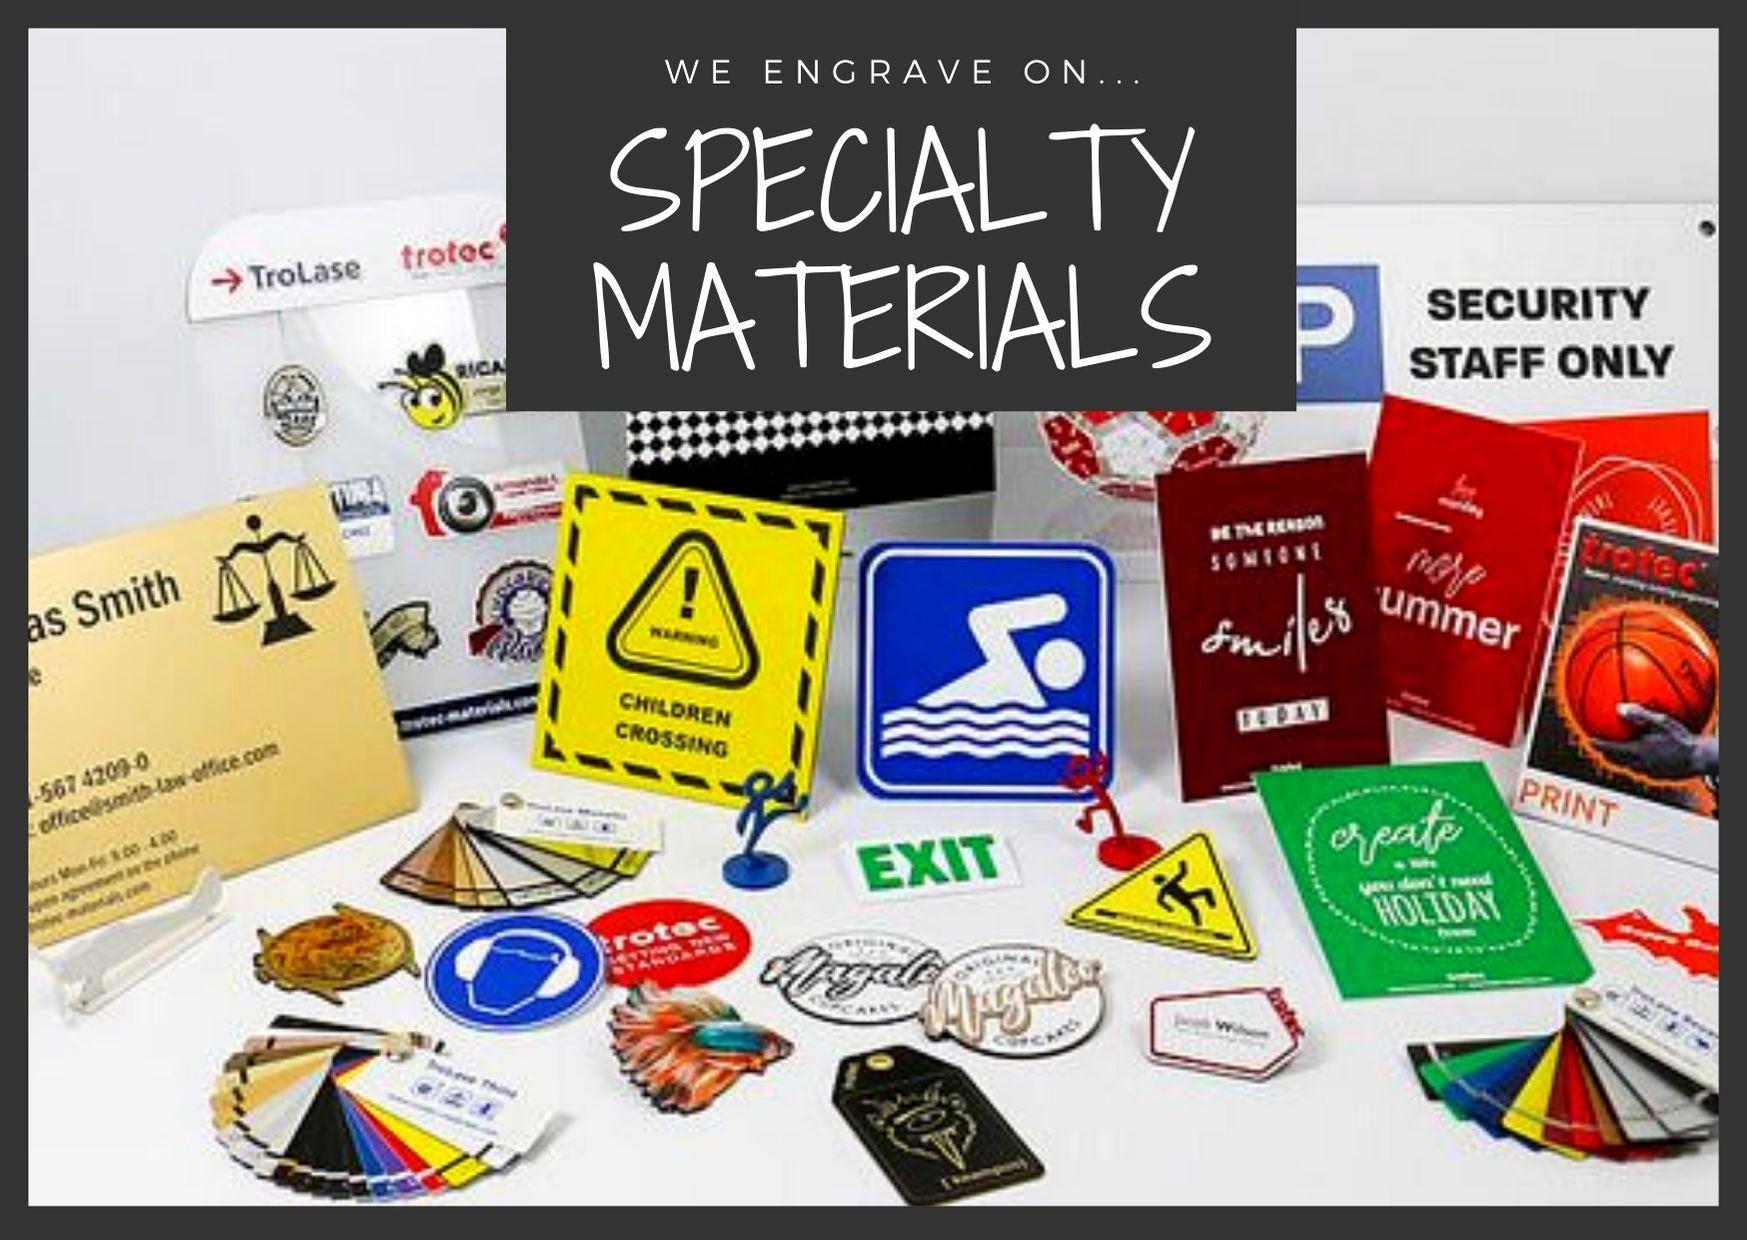 Laser materials